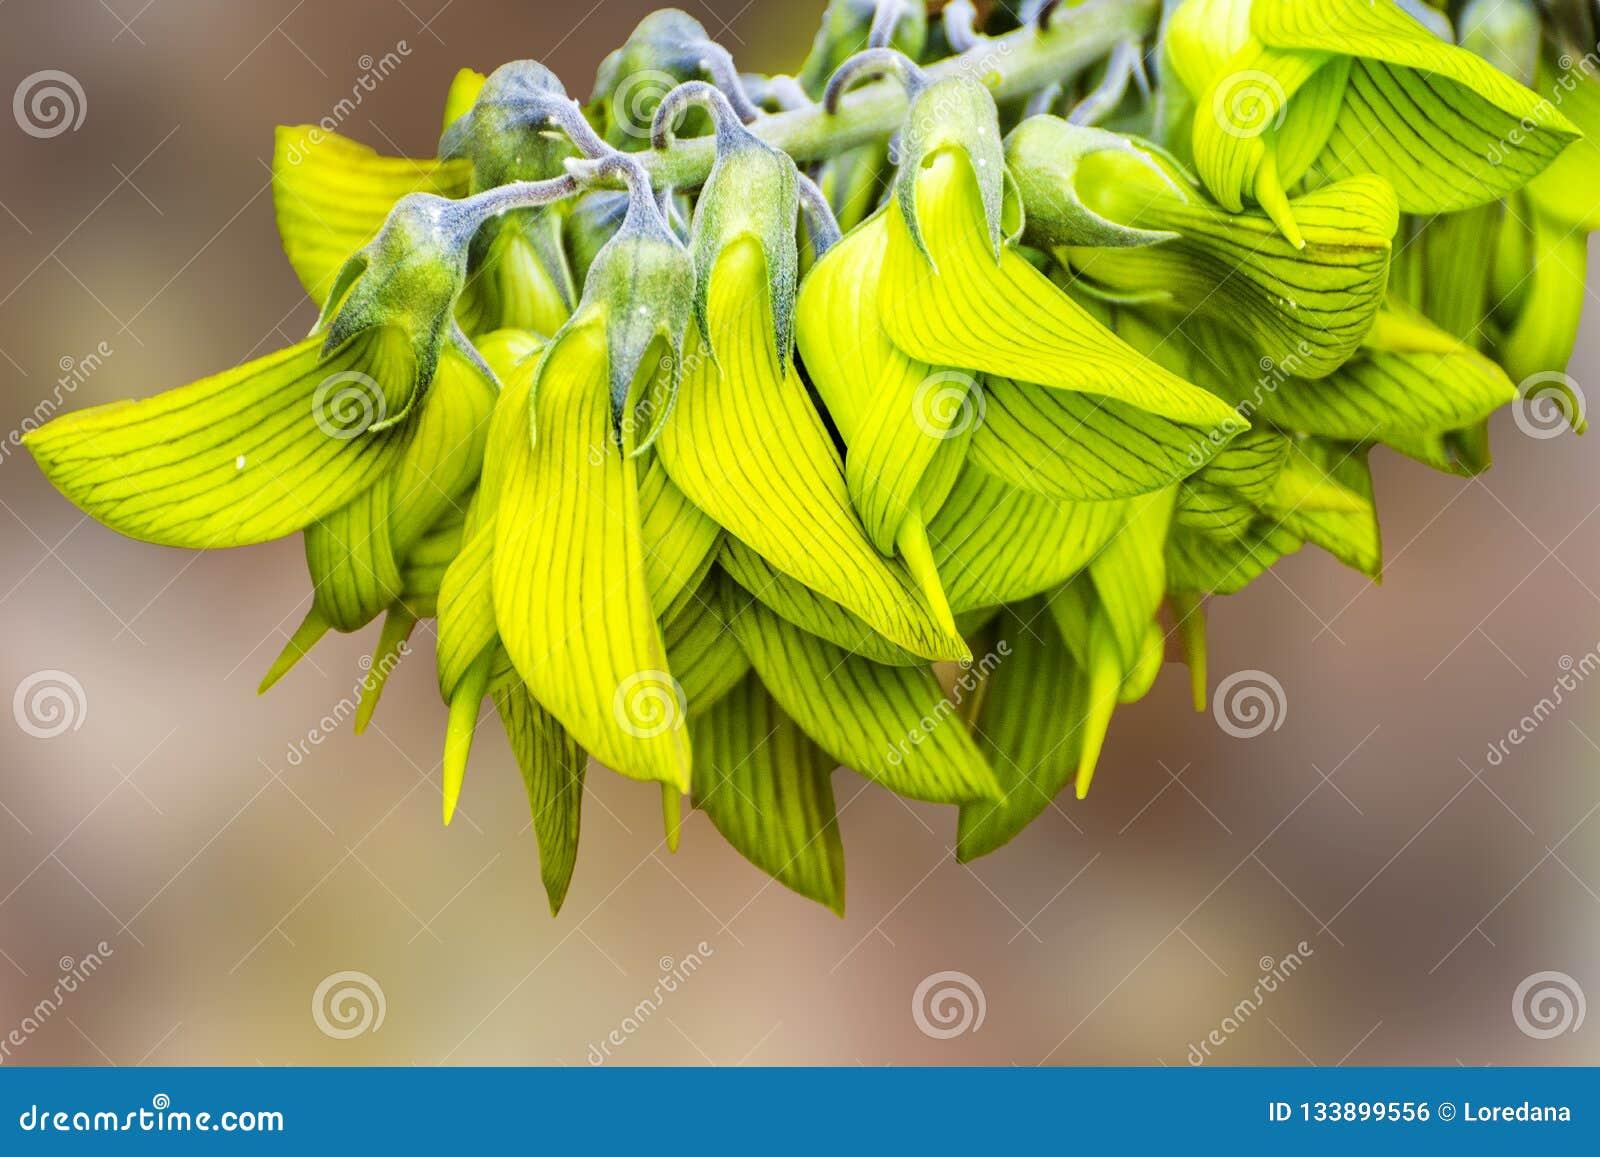 Bardzo oszałamiająco i niezwykły Ptasi kwiat